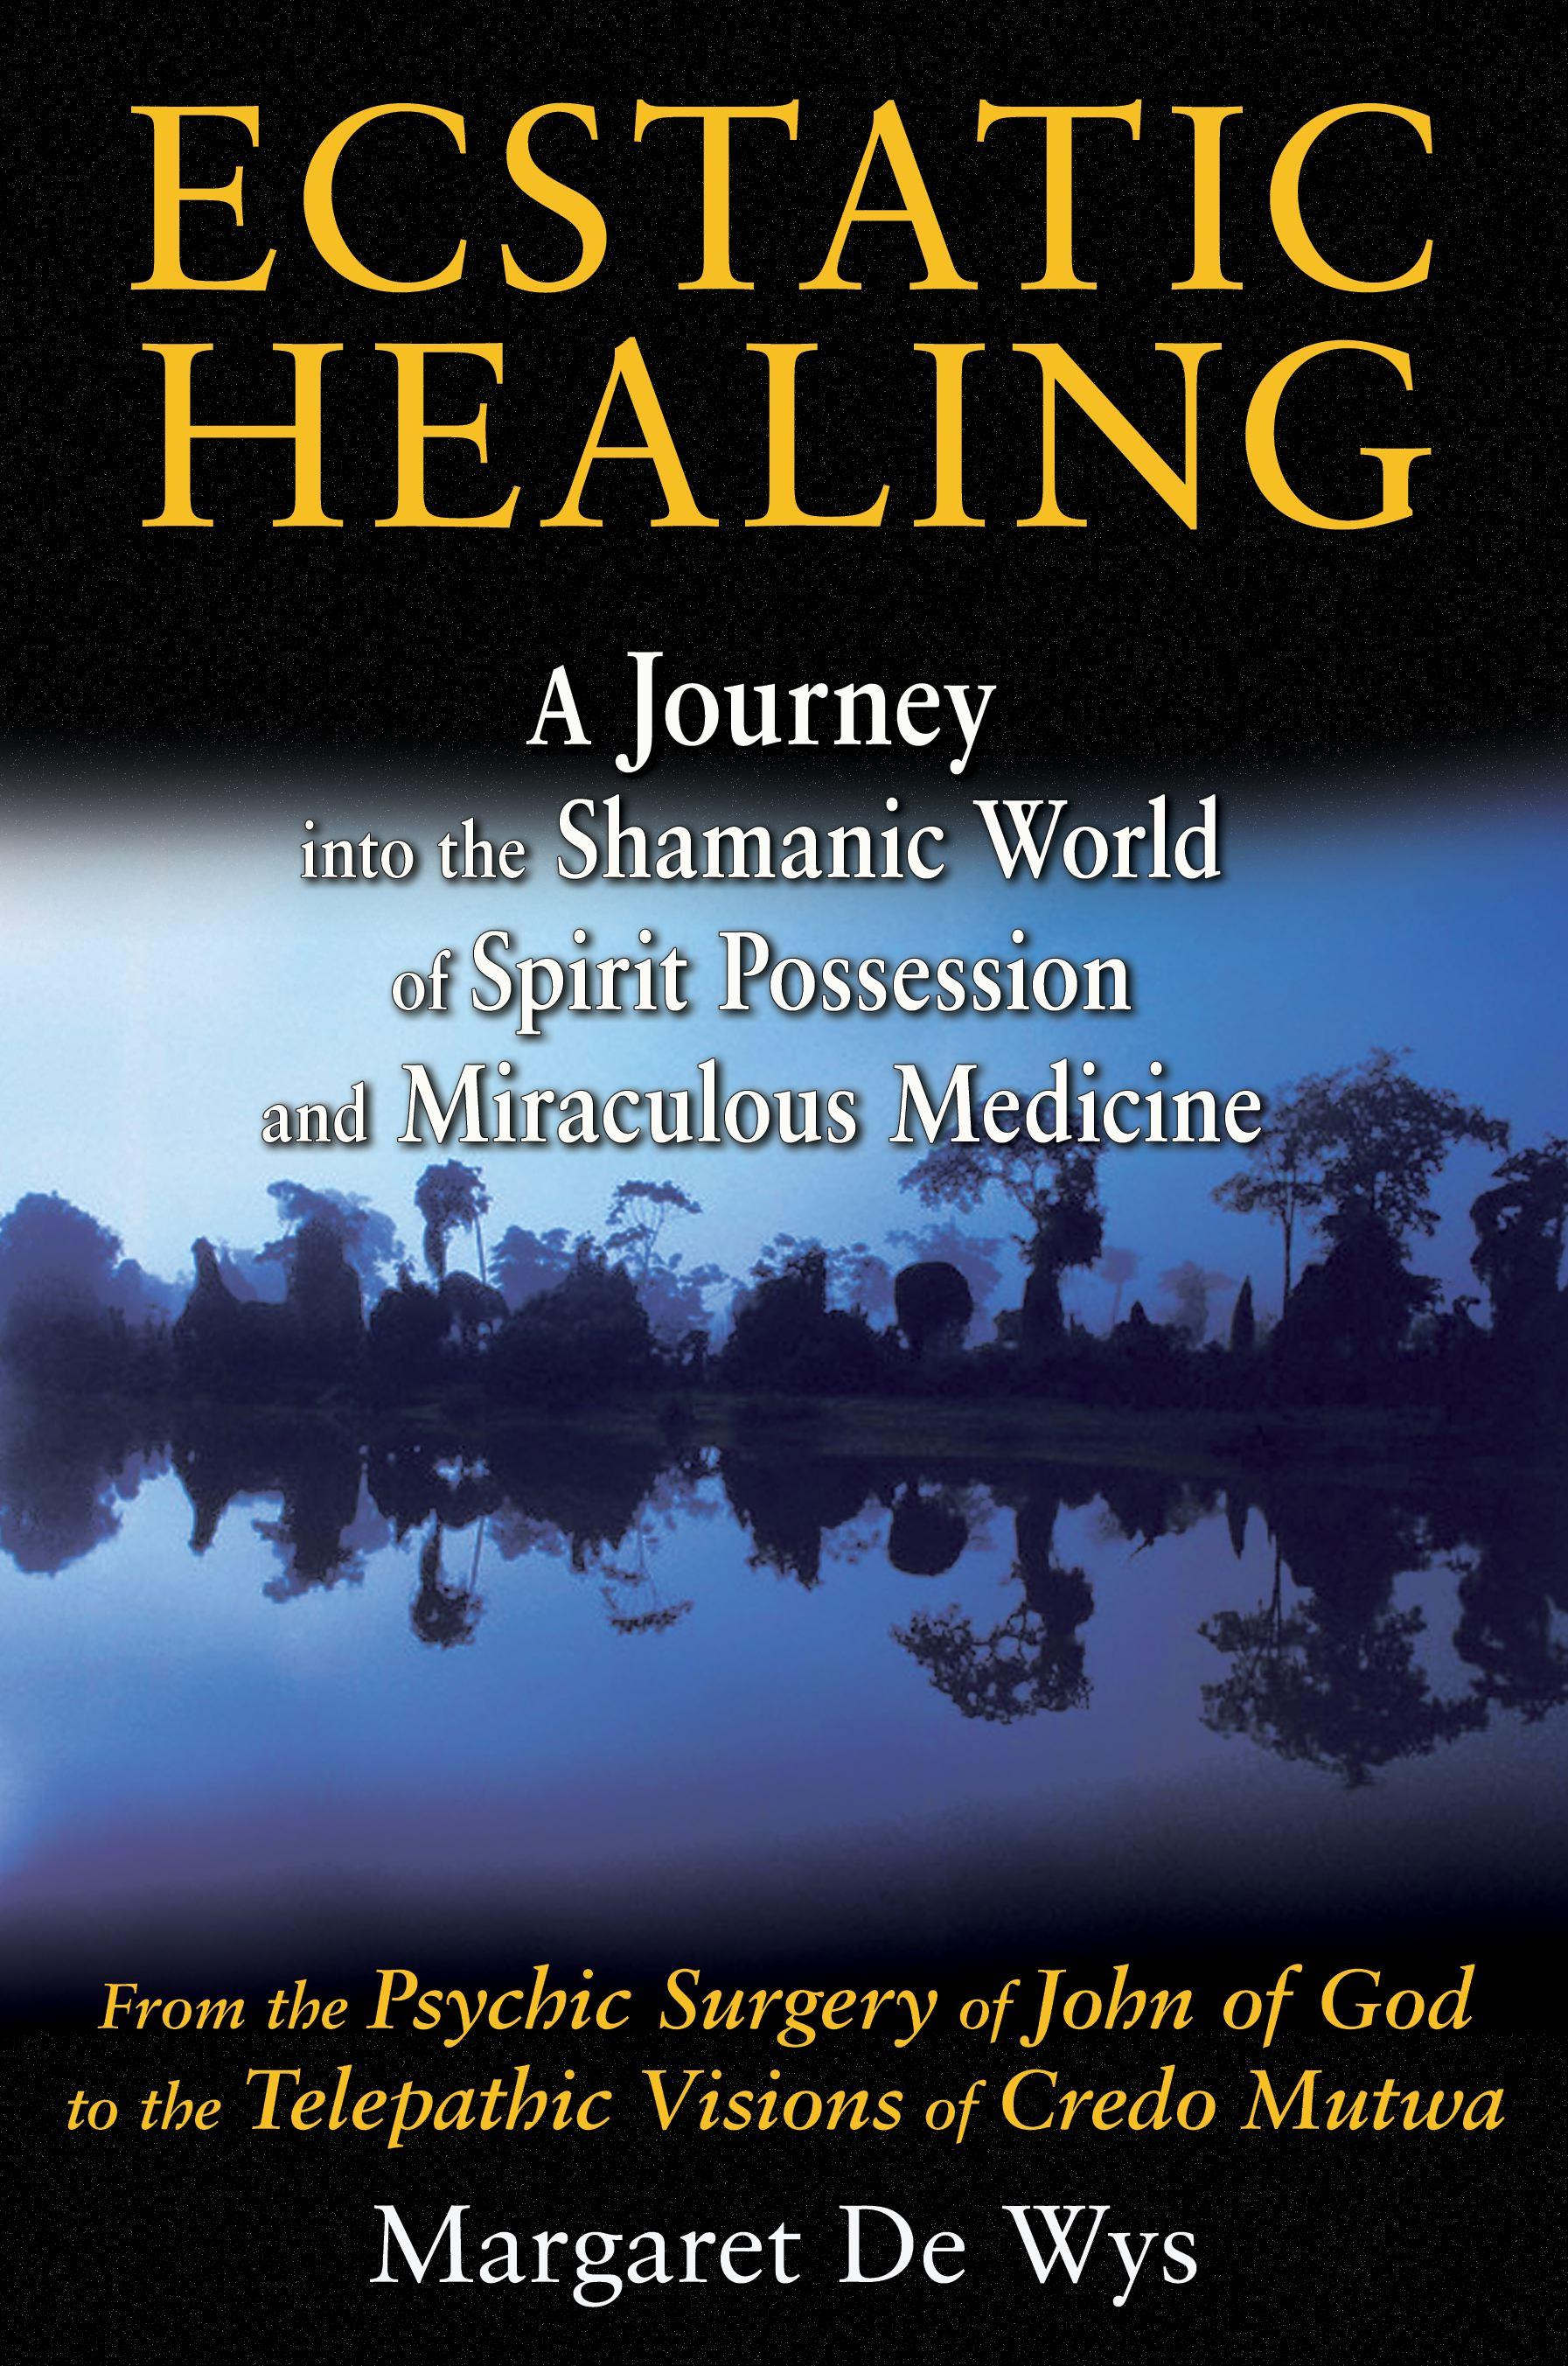 Ecstatic healing 9781594774560 hr